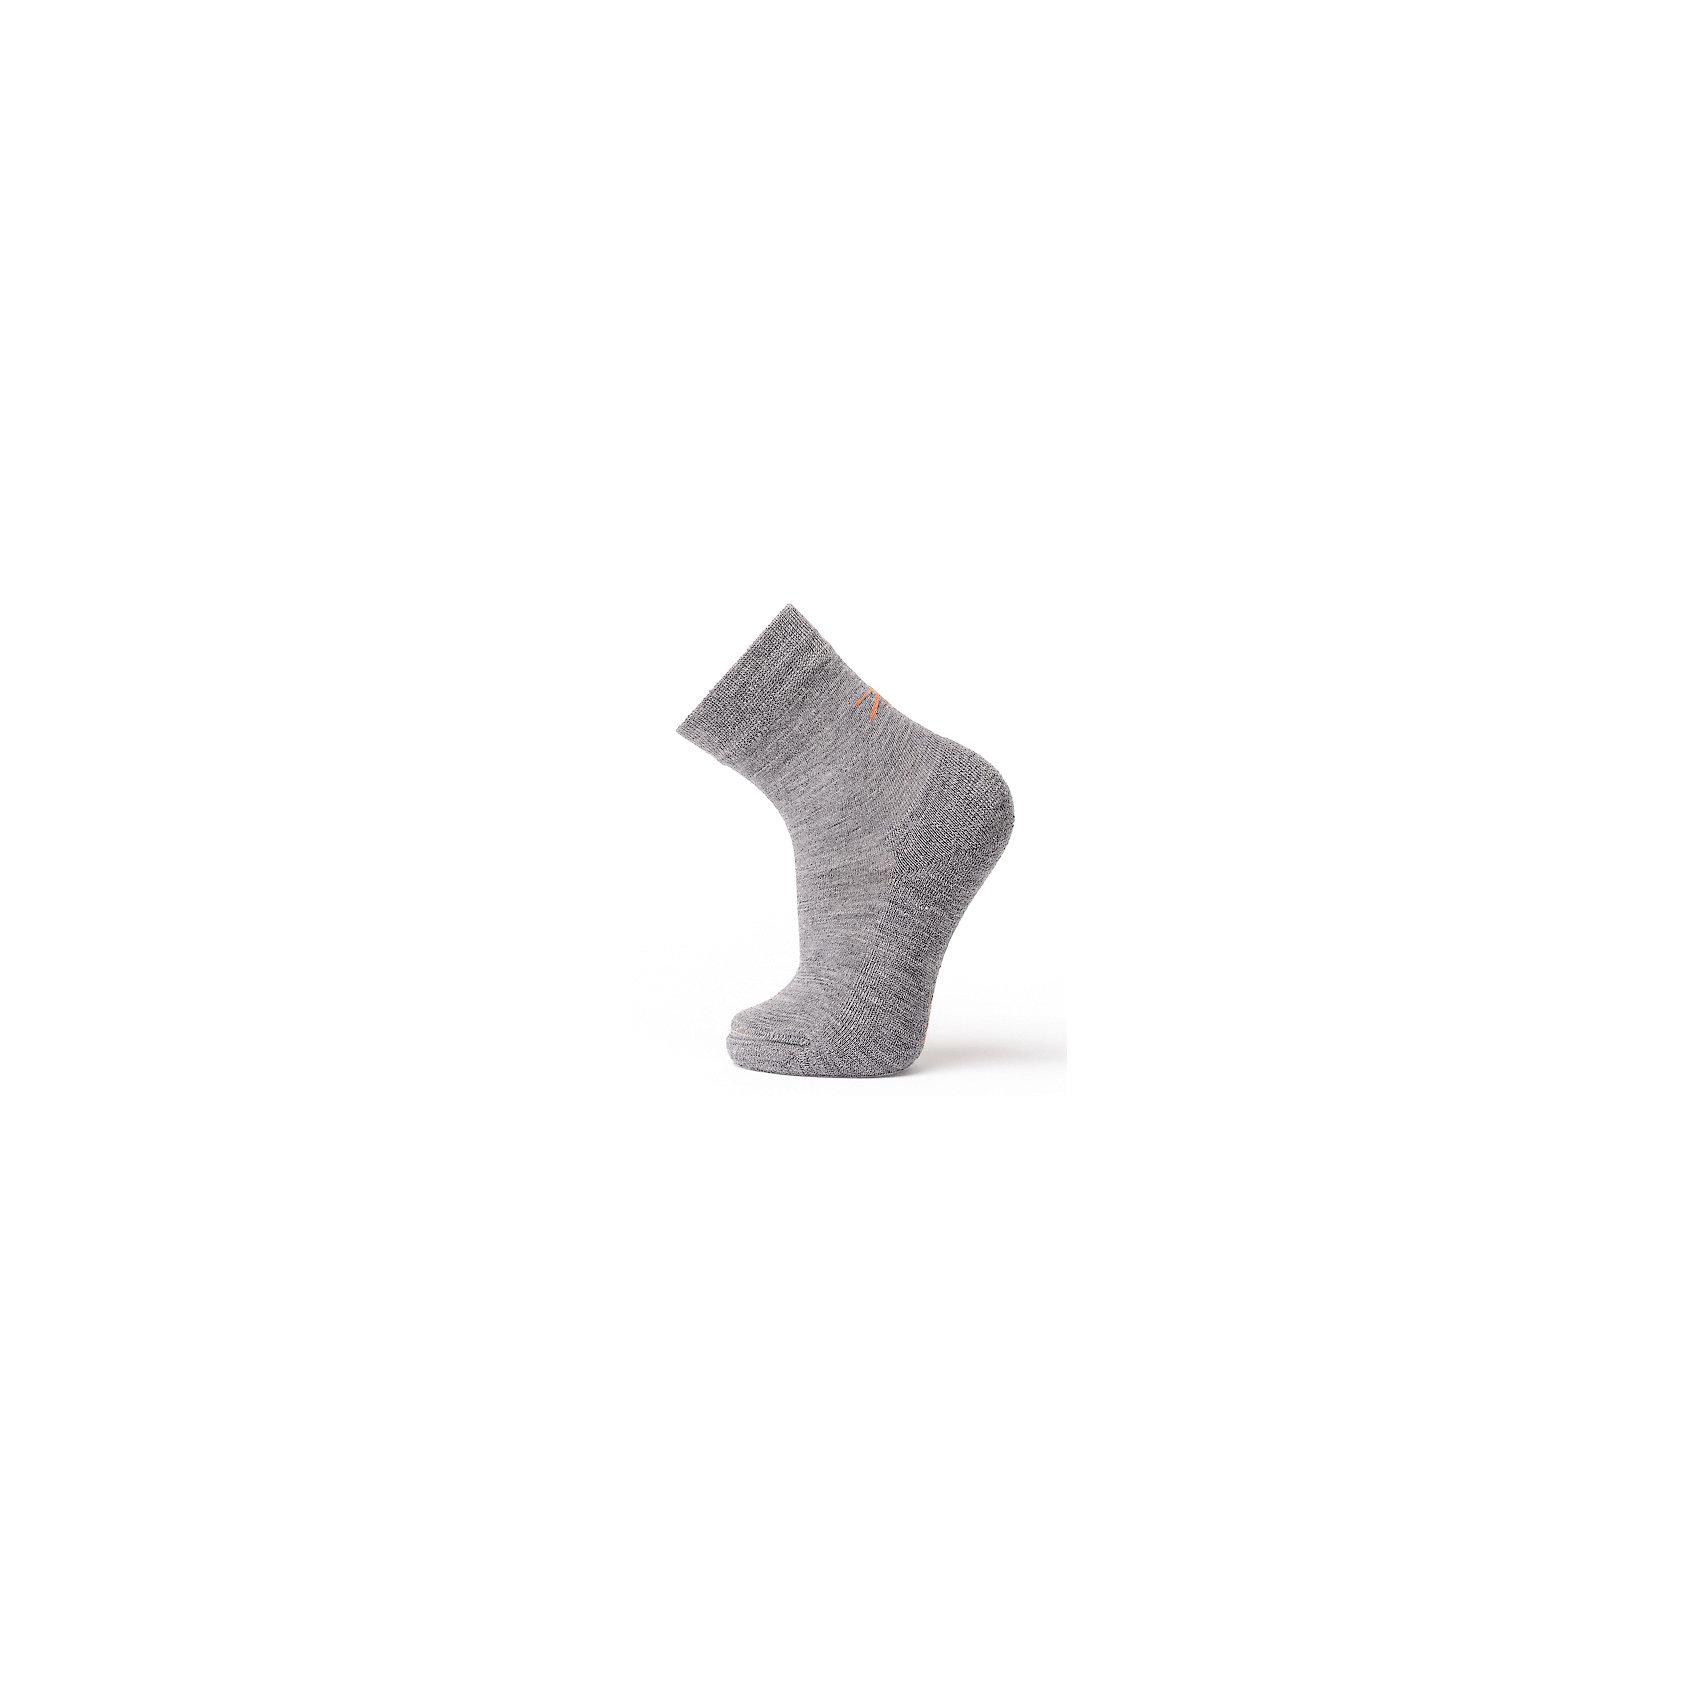 Носки NorvegNORVEG Soft Merino Wool <br><br>Отличительные особенности модели:<br>От -30?С до +5?С диапазон комфорта<br>Гипоаллергенные материалы в составе пряжи<br>Мягкая, комфортная в ношении, мериносовая шерсть со способностью терморегуляции и влагоотведения<br>Полиэстер и эластан для повышенной износостойкости и прочности<br>Усиленные области подошвы, носка и пятки<br>Эластичная вязка с облеганием свода стопы и щиколотки<br>Широкая анатомическая резинка<br>Плоские швы, не натирающие кожу<br><br>Состав: 87% Шерсть мериносов, 10% Полиэстер, 3% Эластан<br><br>Ширина мм: 87<br>Глубина мм: 10<br>Высота мм: 105<br>Вес г: 115<br>Цвет: серый<br>Возраст от месяцев: 18<br>Возраст до месяцев: 21<br>Пол: Унисекс<br>Возраст: Детский<br>Размер: 23-26,19-22,27-30,31-34,35-38<br>SKU: 4358112